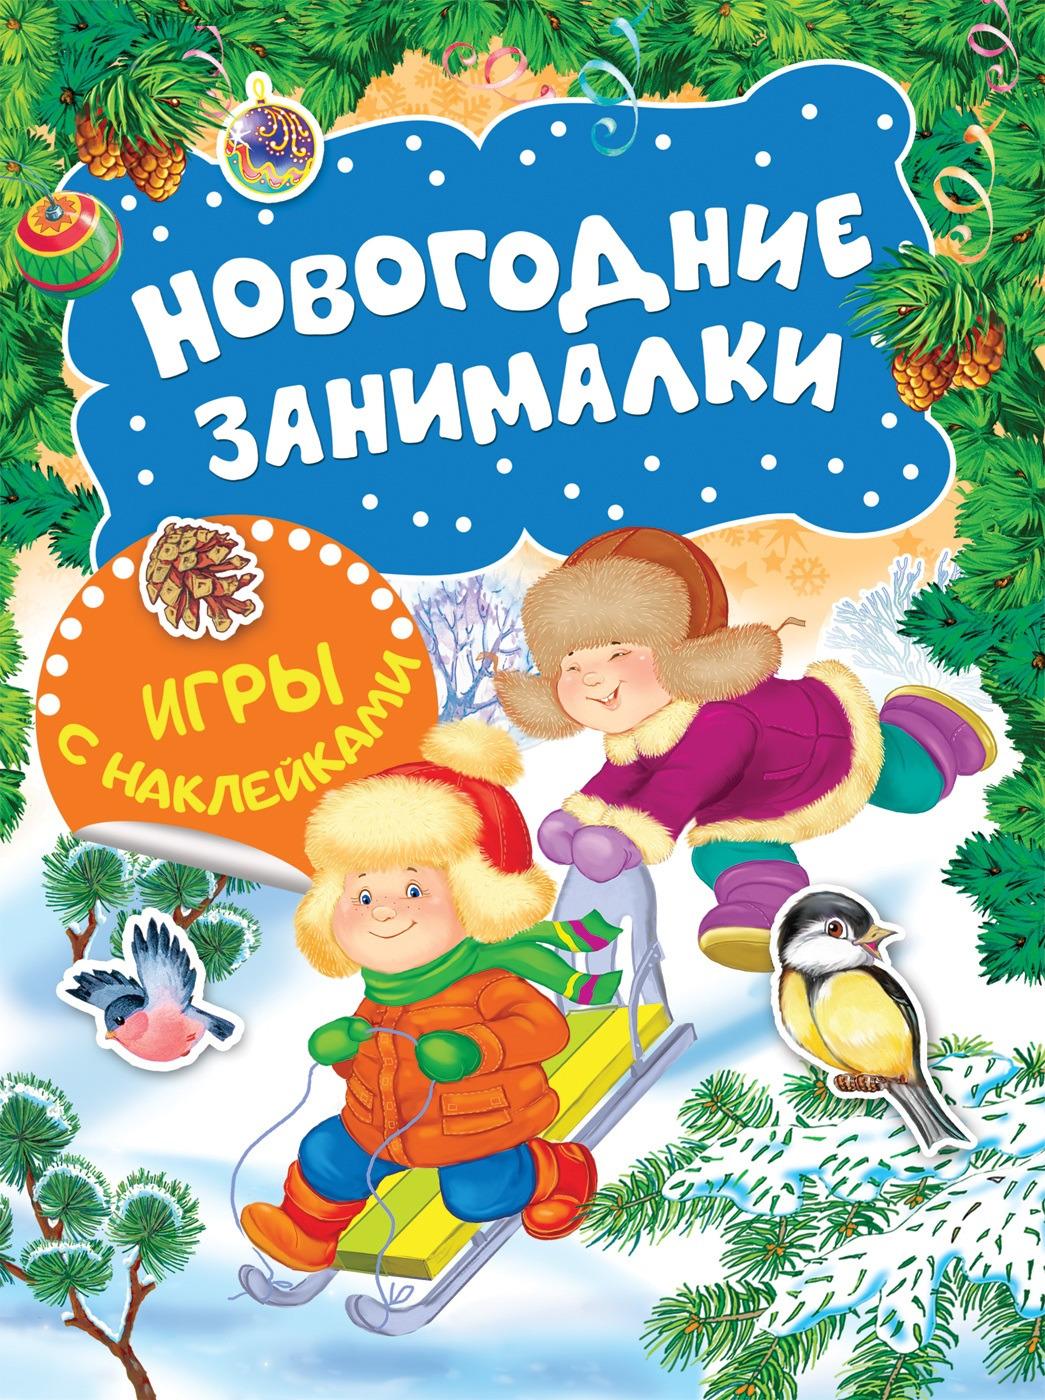 Н. И. Котятова Новогодние занималки. Игры с наклейками (Зимние забавы)